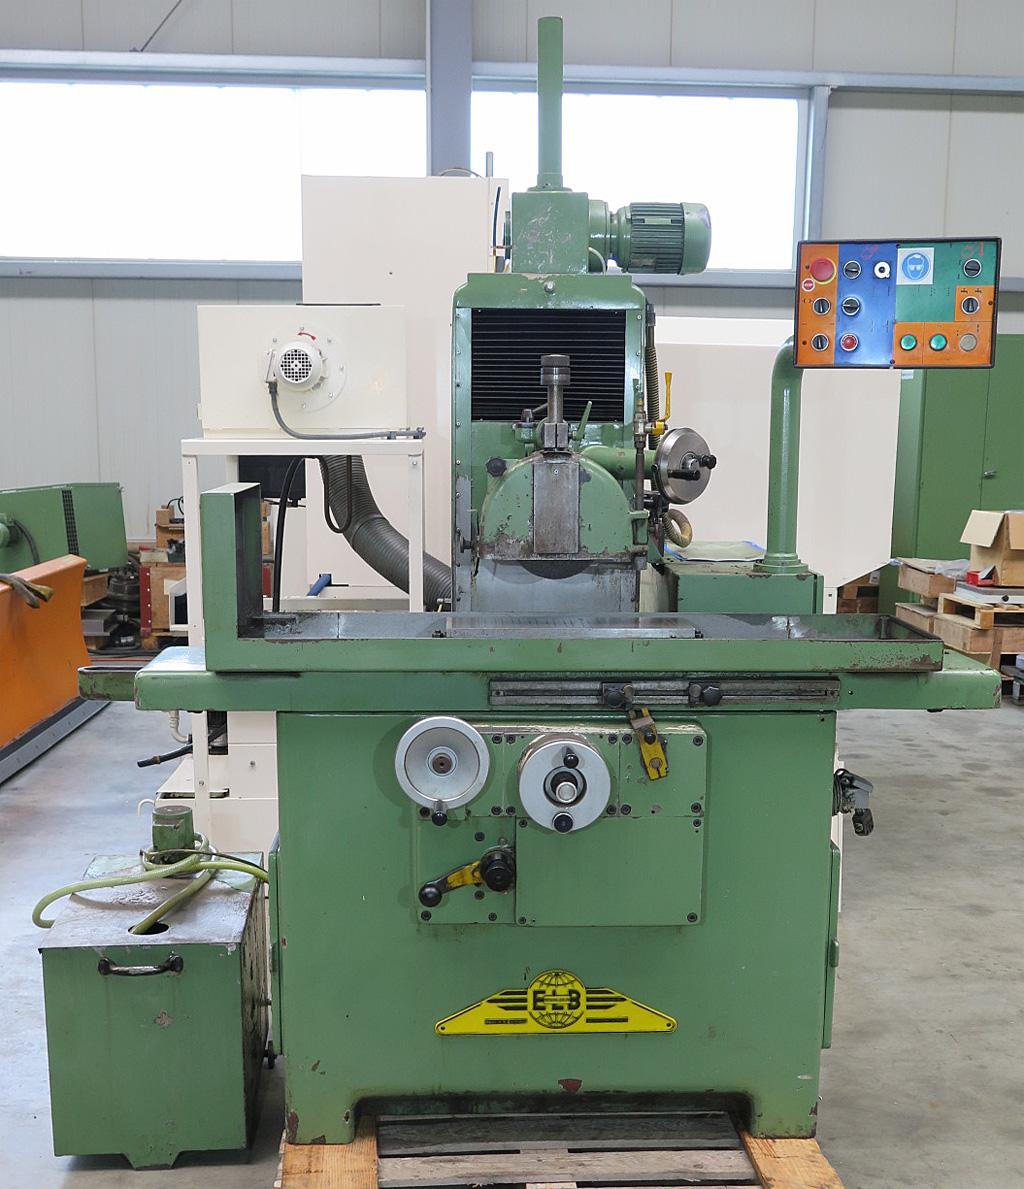 werkzeugmaschine-10412.jpg